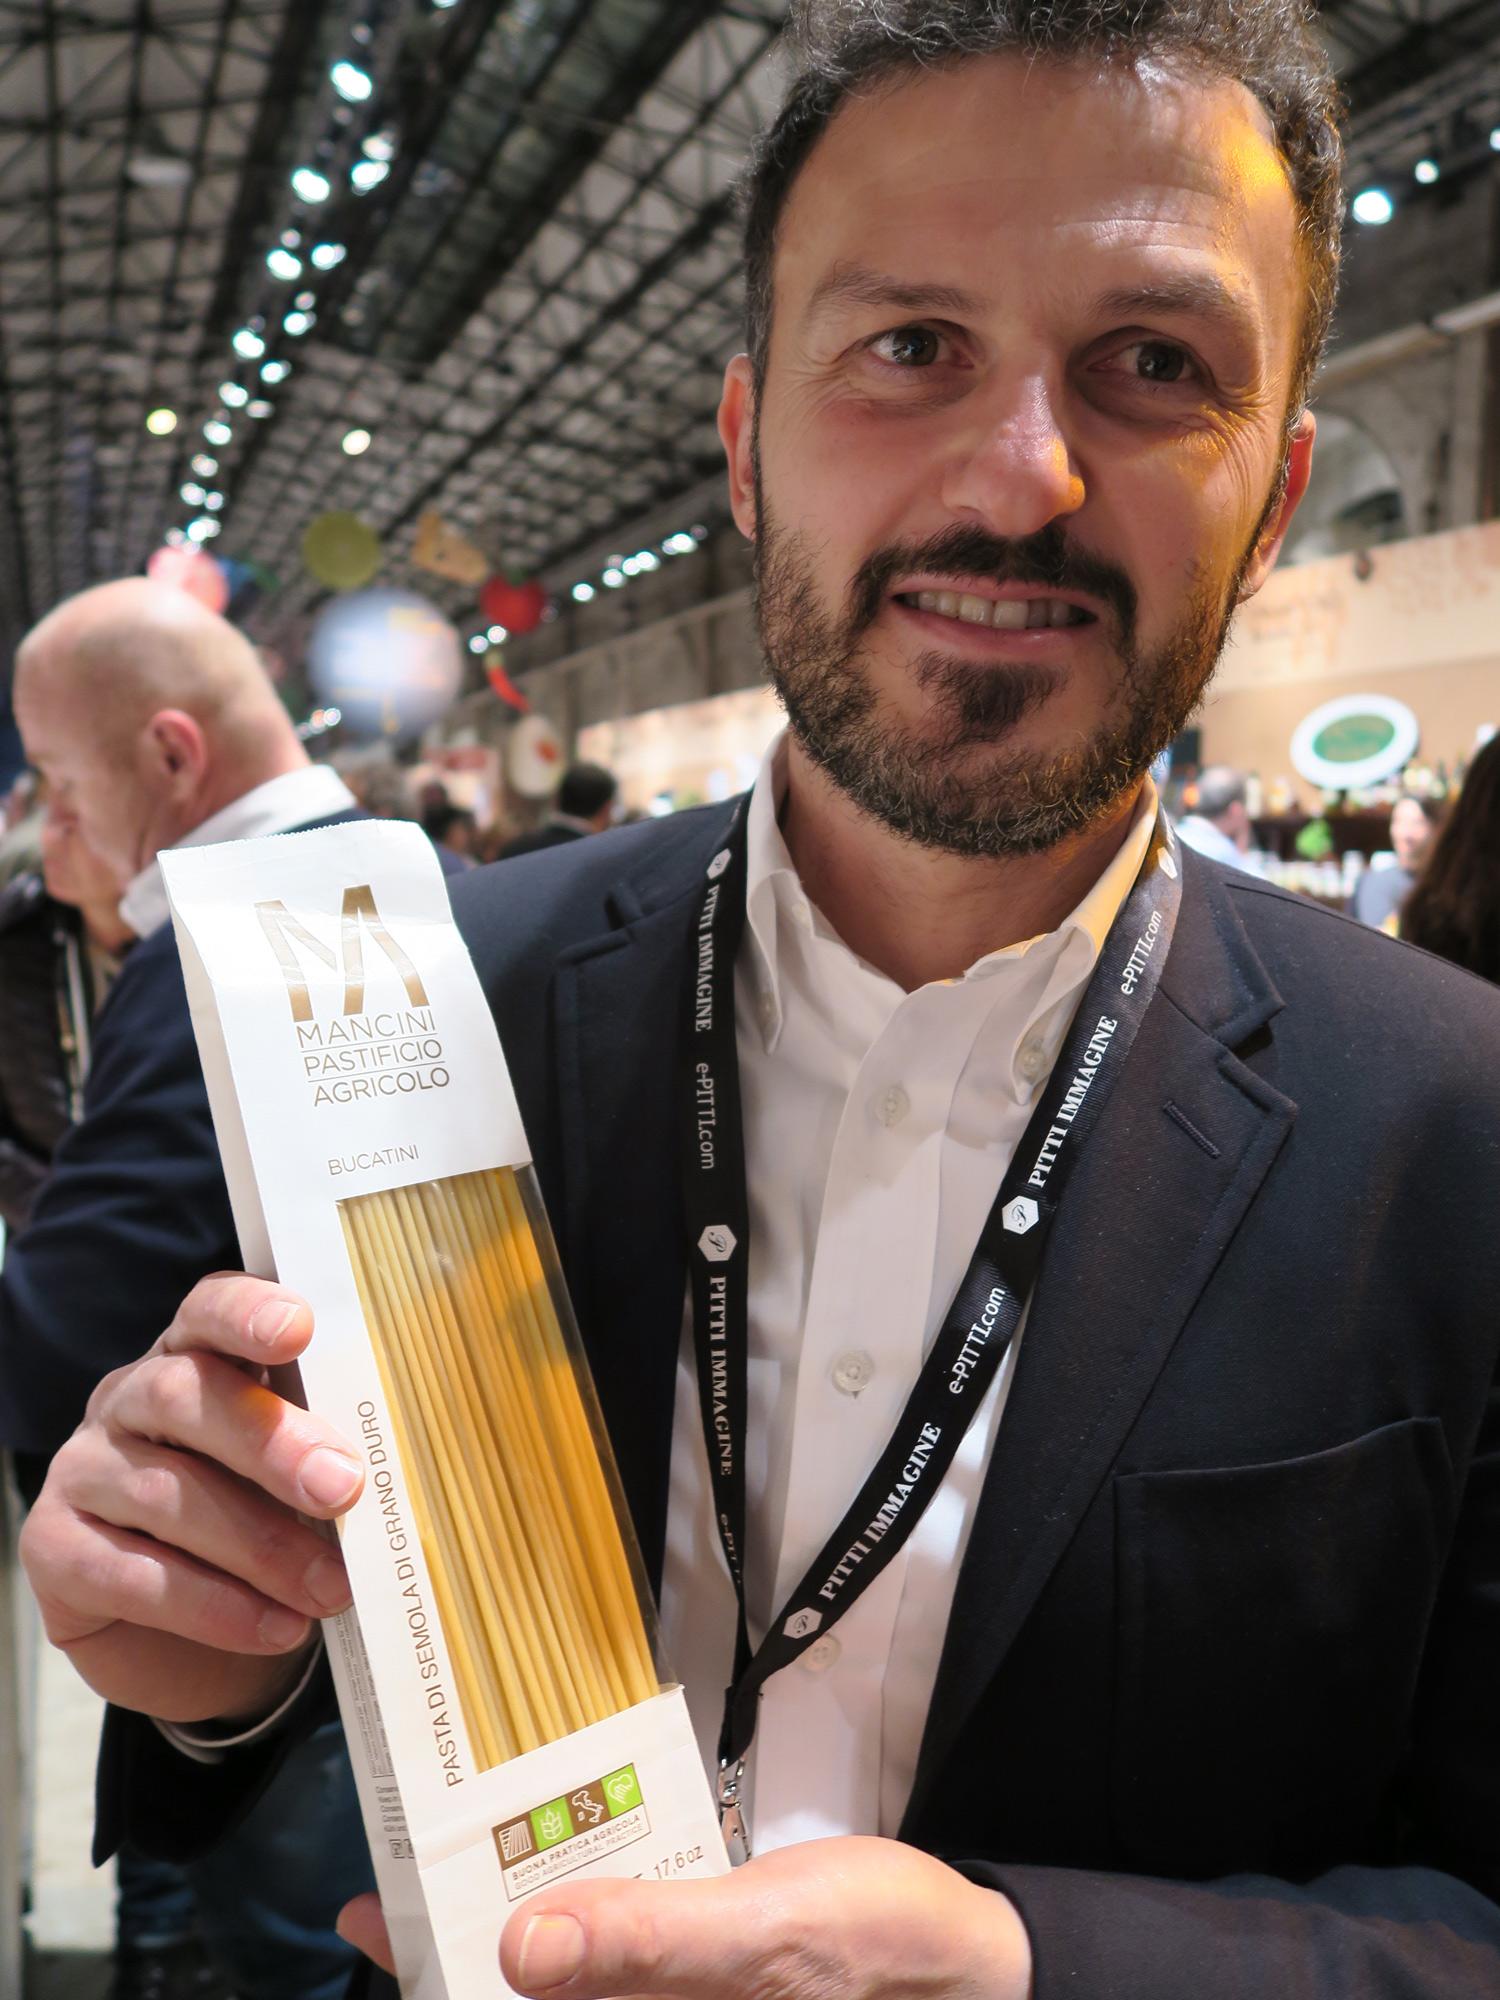 Massimo Mancini con i Bucatini, il nuovo formato di pasta Mancini | © Sandra Longinotti